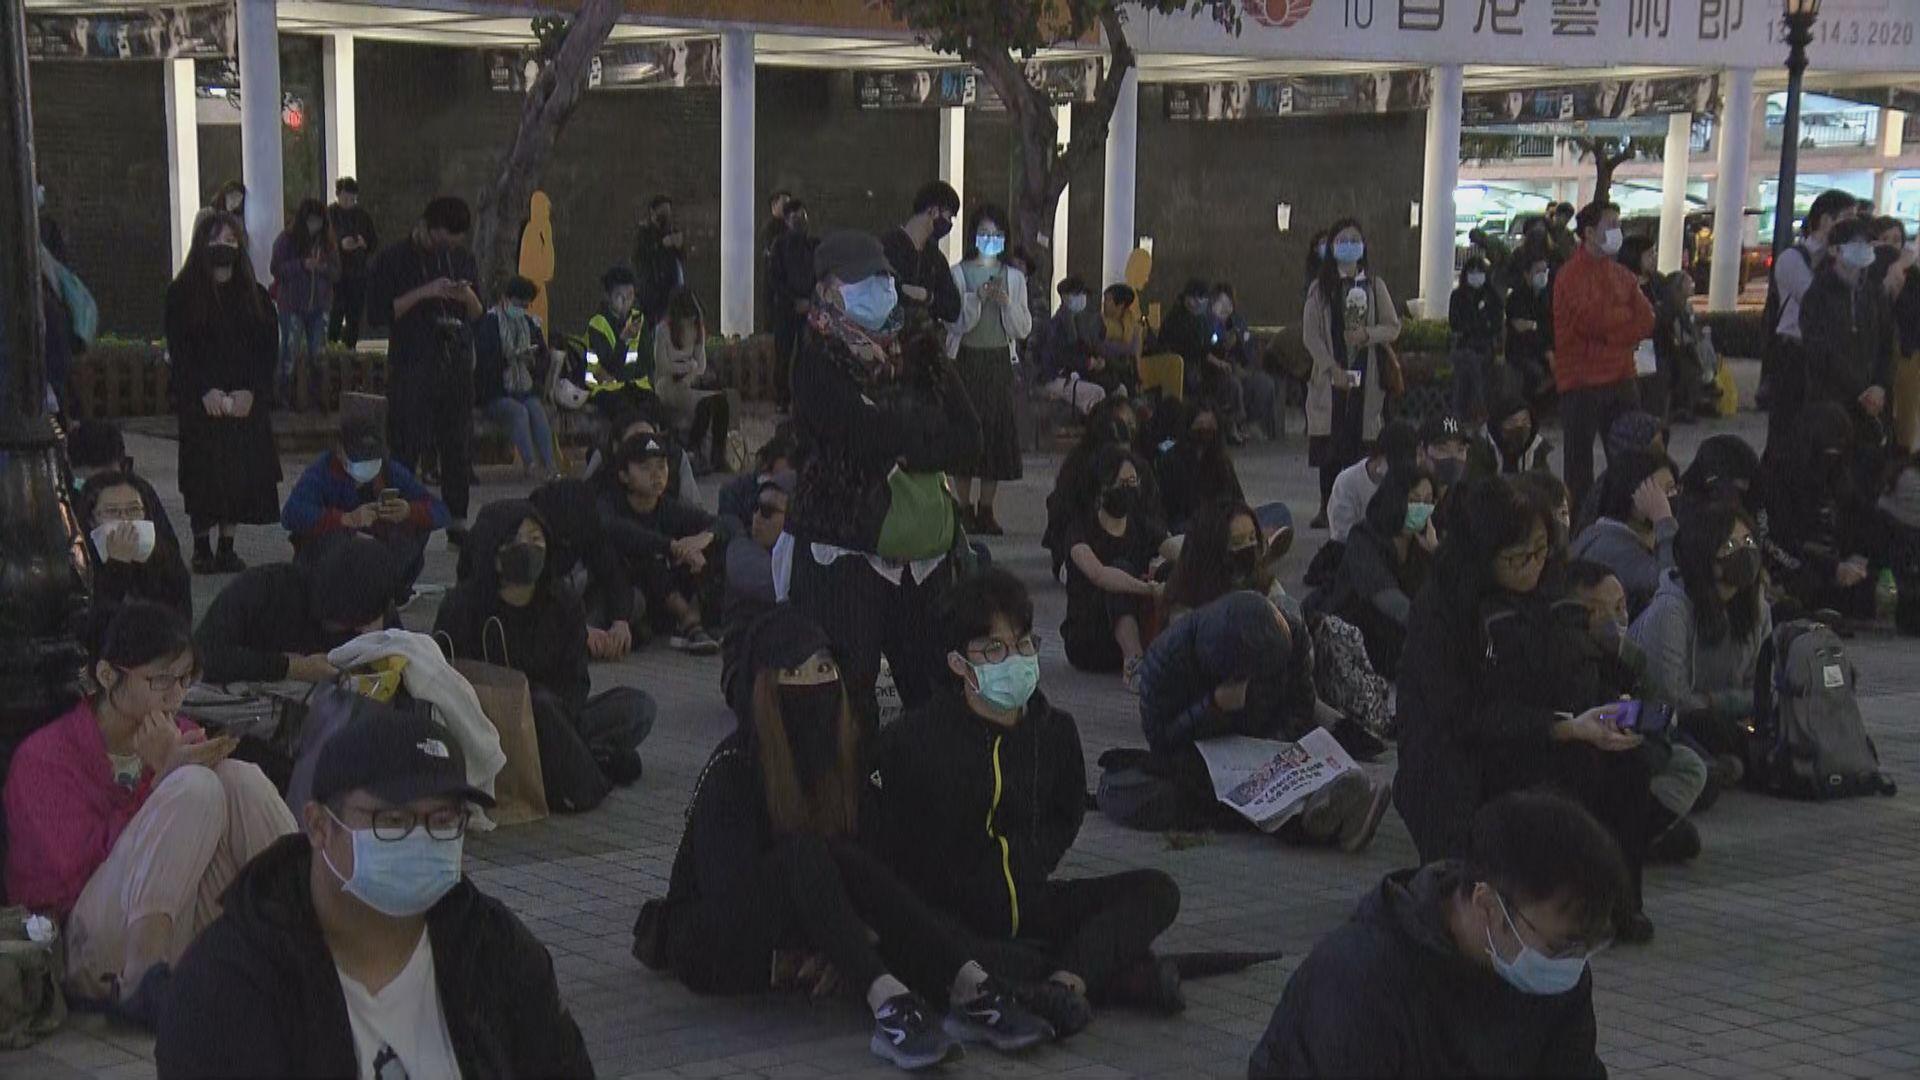 愛丁堡廣場集會 大會稱有六百人參加